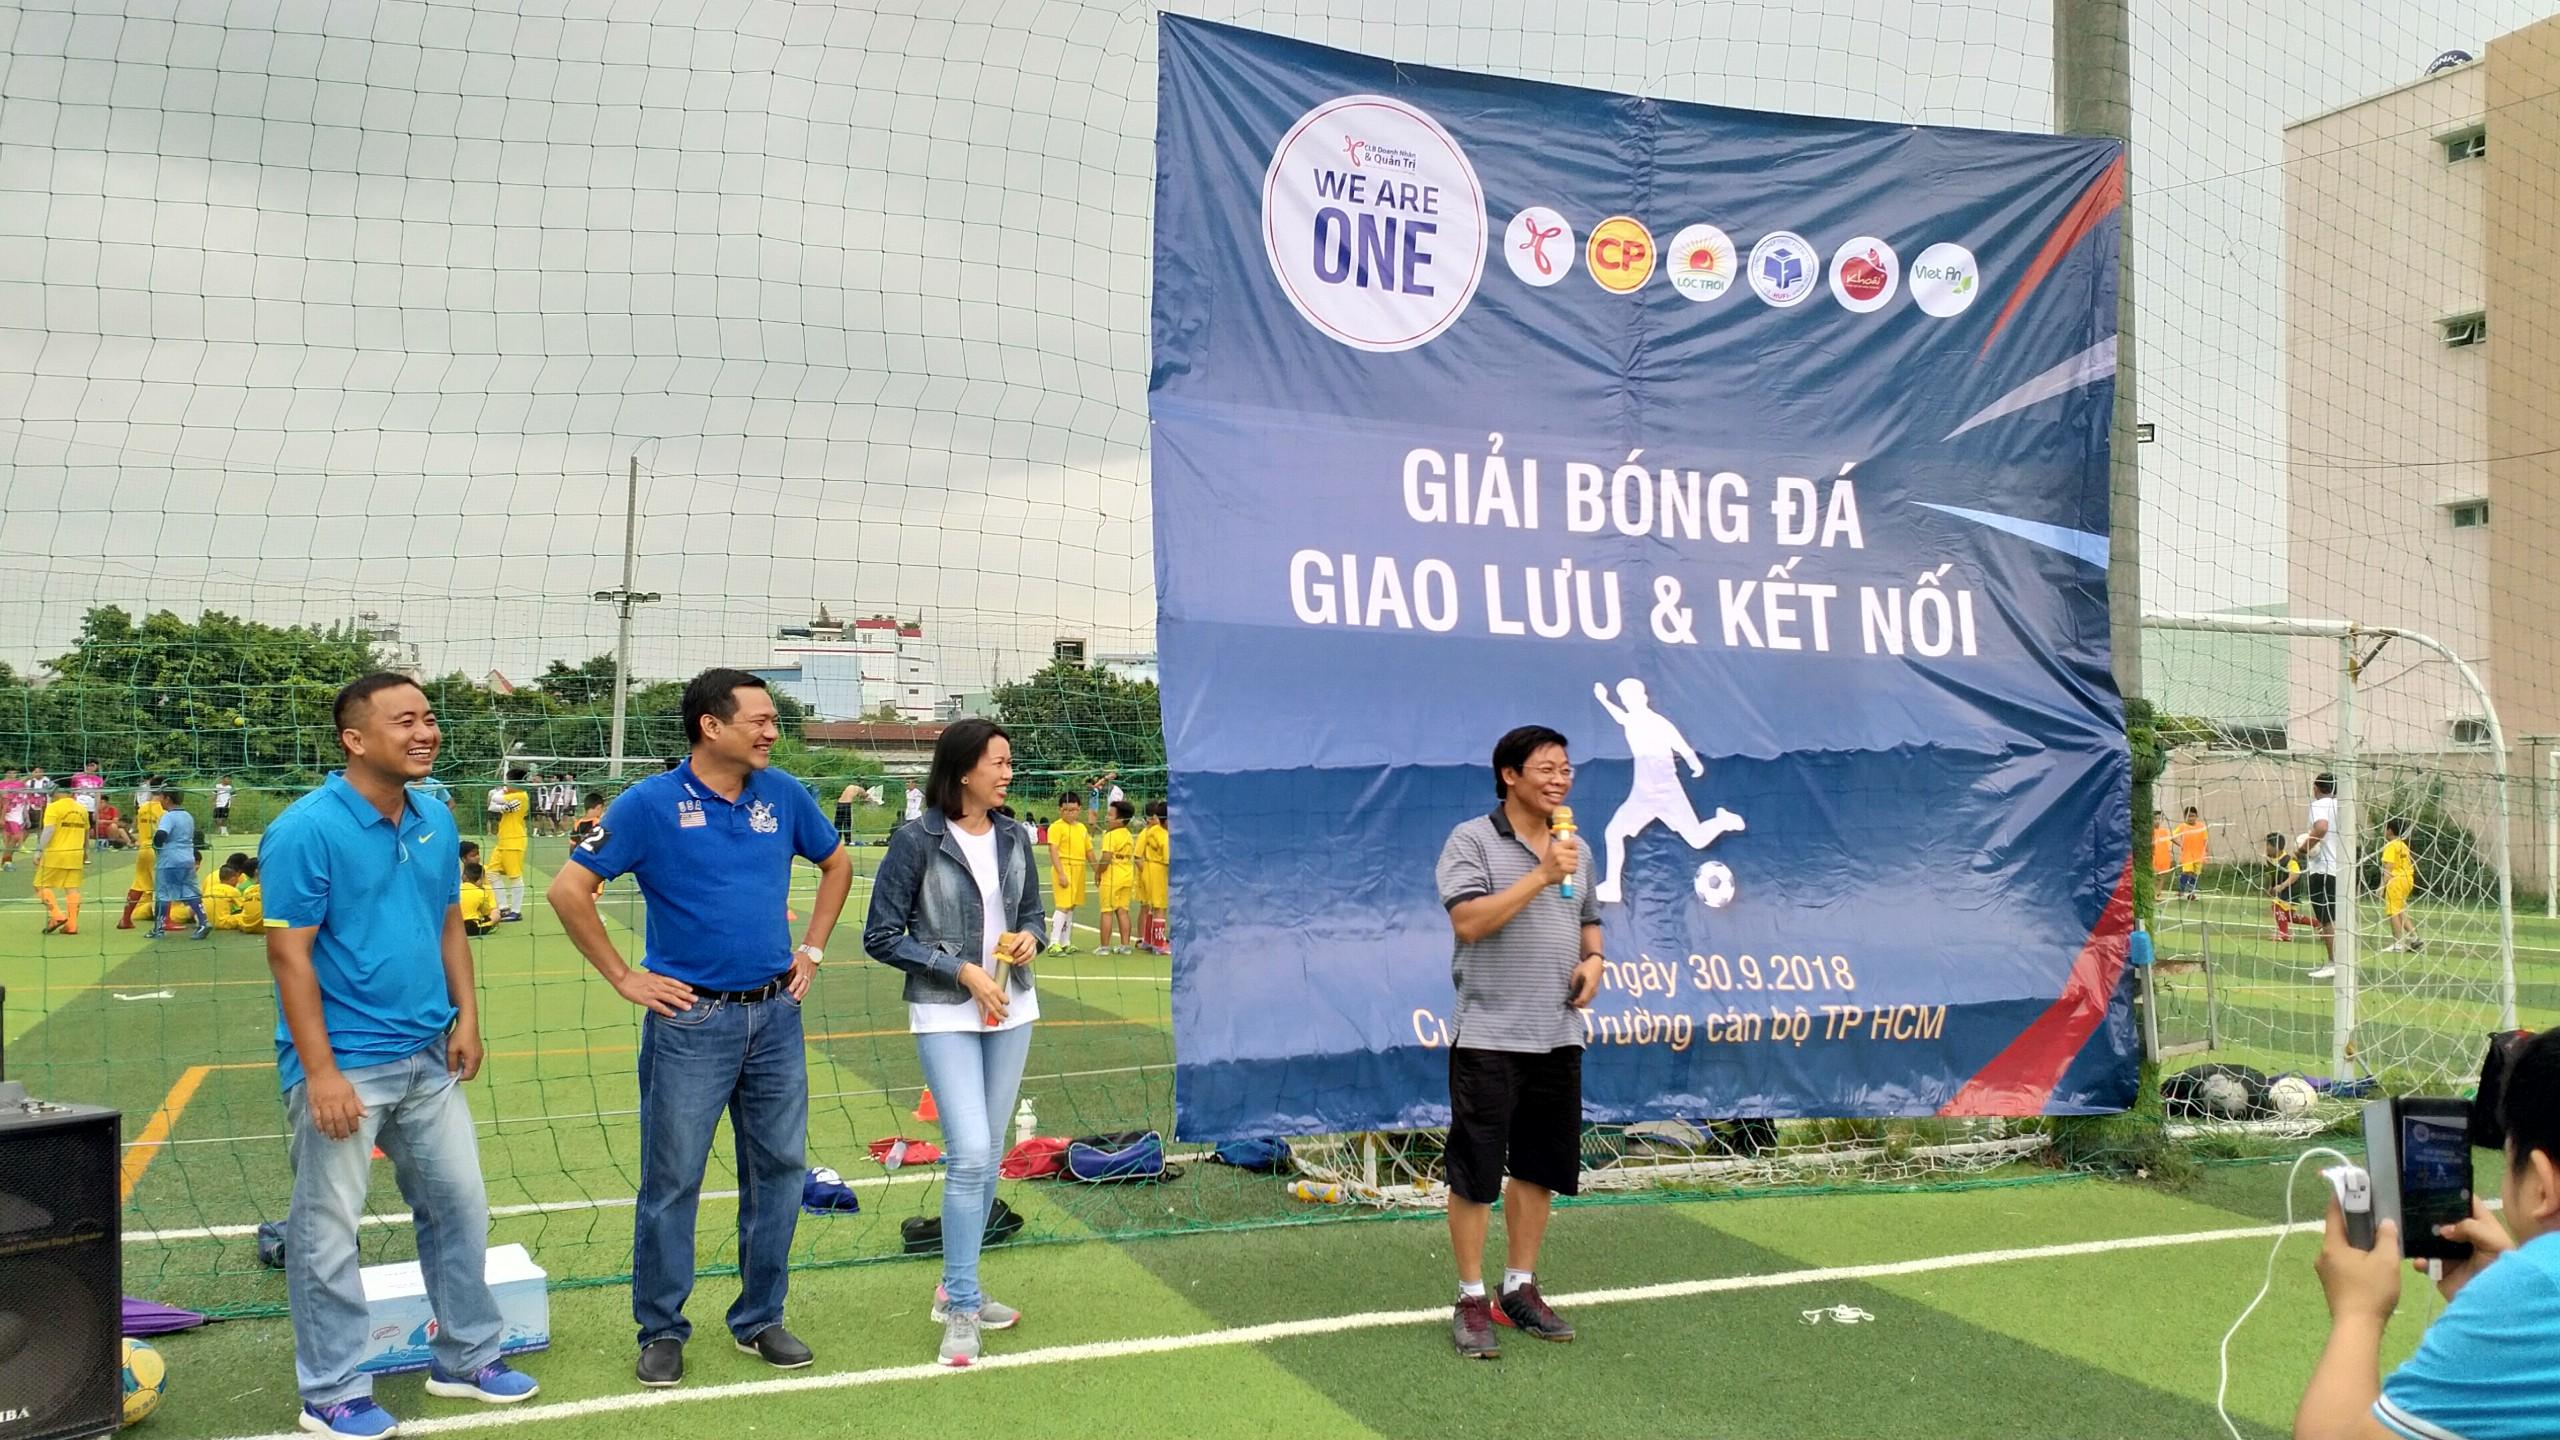 Đội bóng Trường ĐH Công nghiệp Thực phẩm TP.HCM vô địch giải bóng đá Giao lưu và kết nối